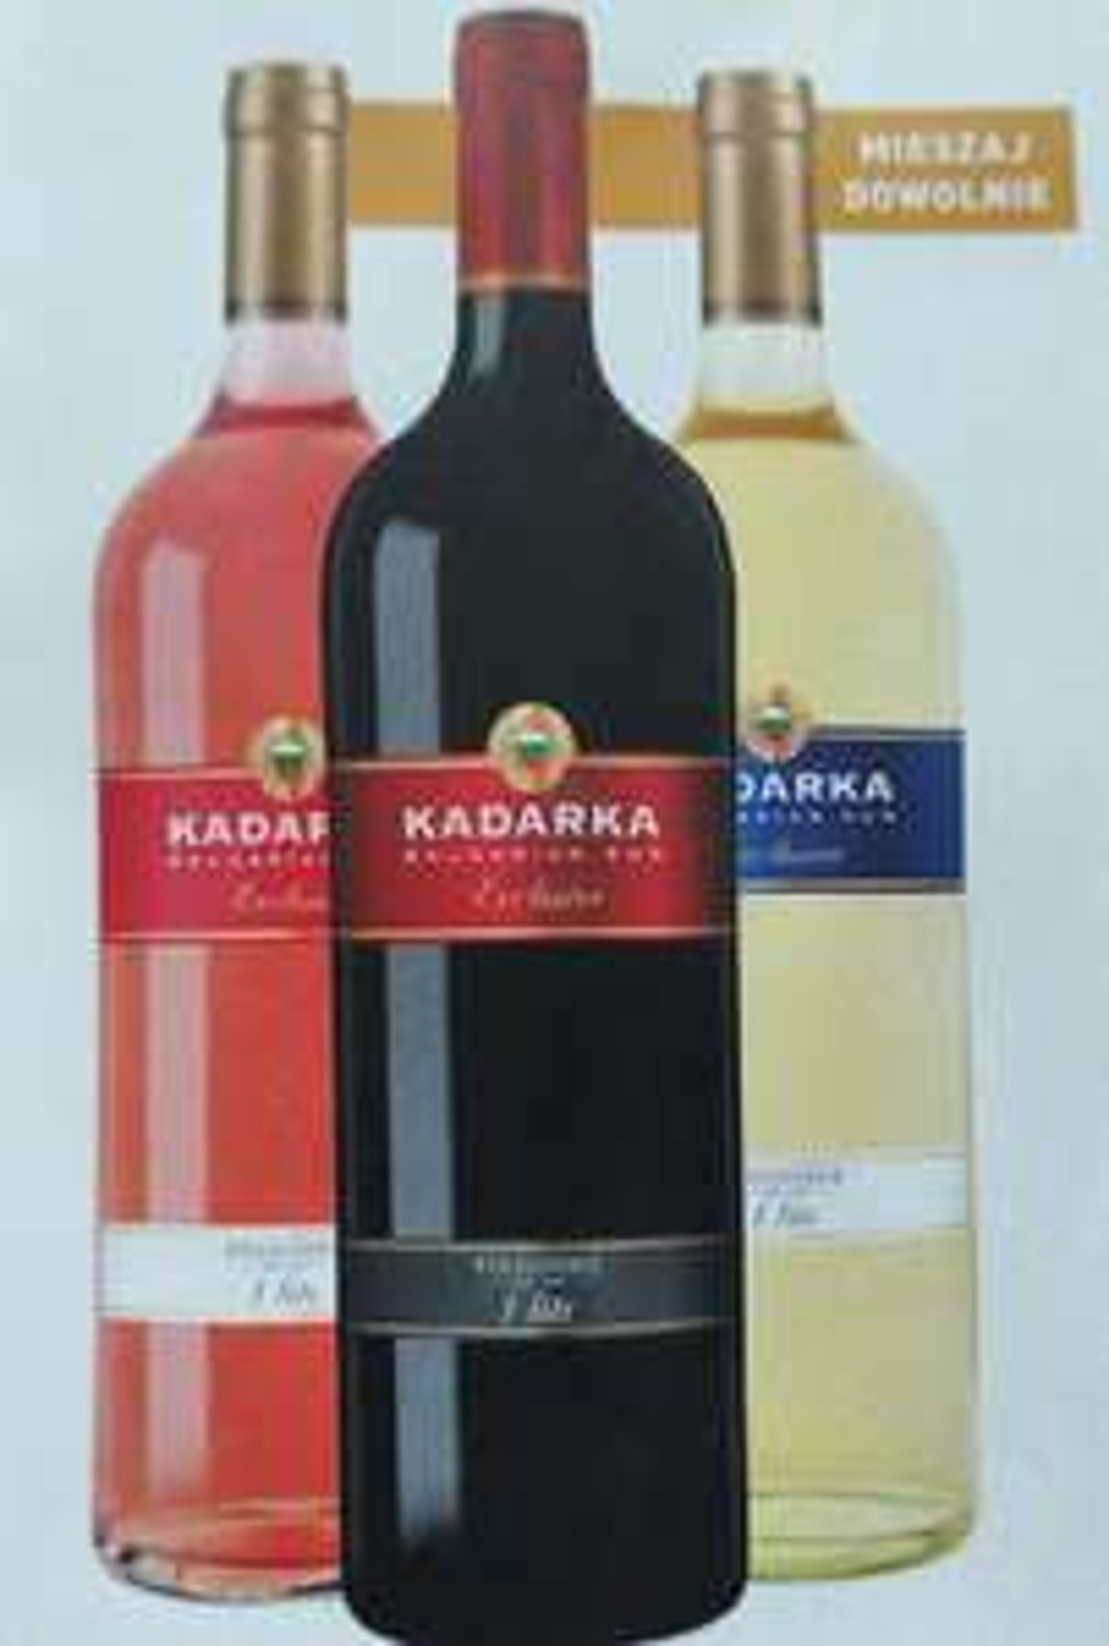 Wino Kadarka 1l 7,99 zł przy zakupie 2 but. Biedronka